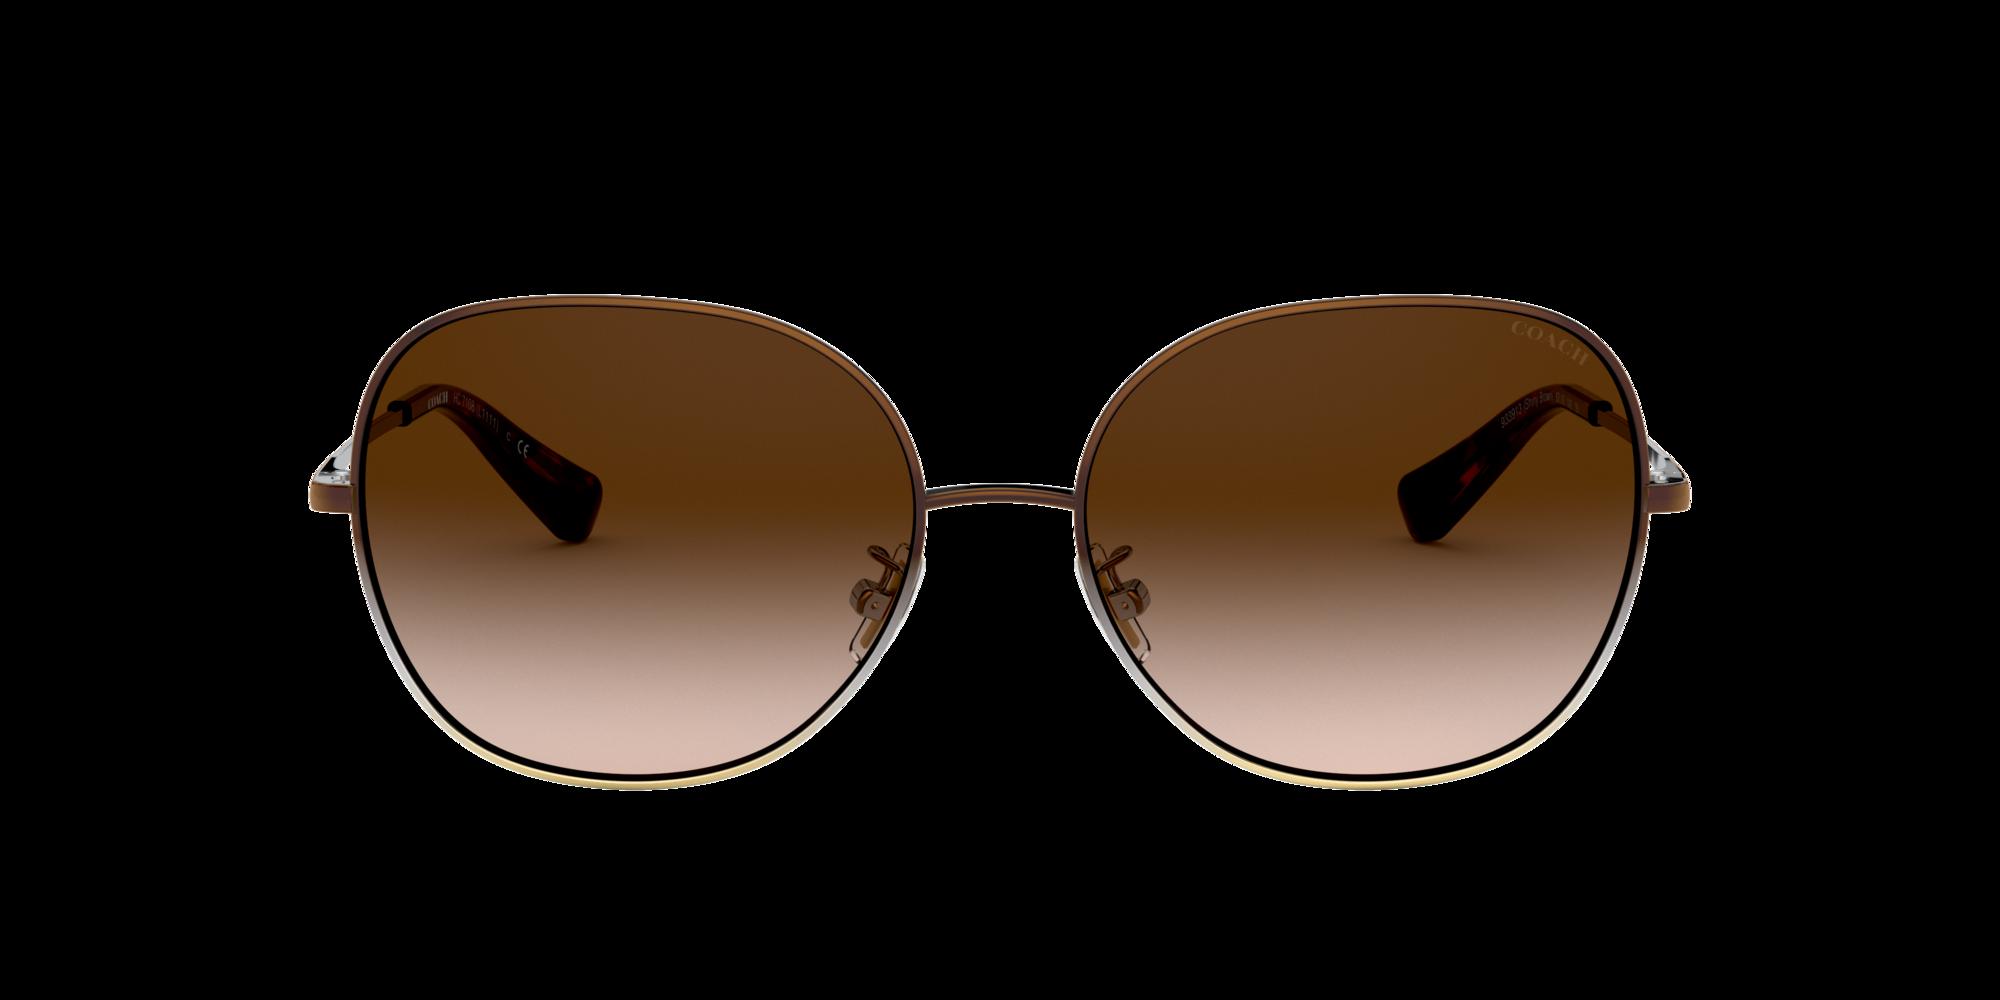 Imagen para HC7108 57 L1111 de LensCrafters |  Espejuelos, espejuelos graduados en línea, gafas